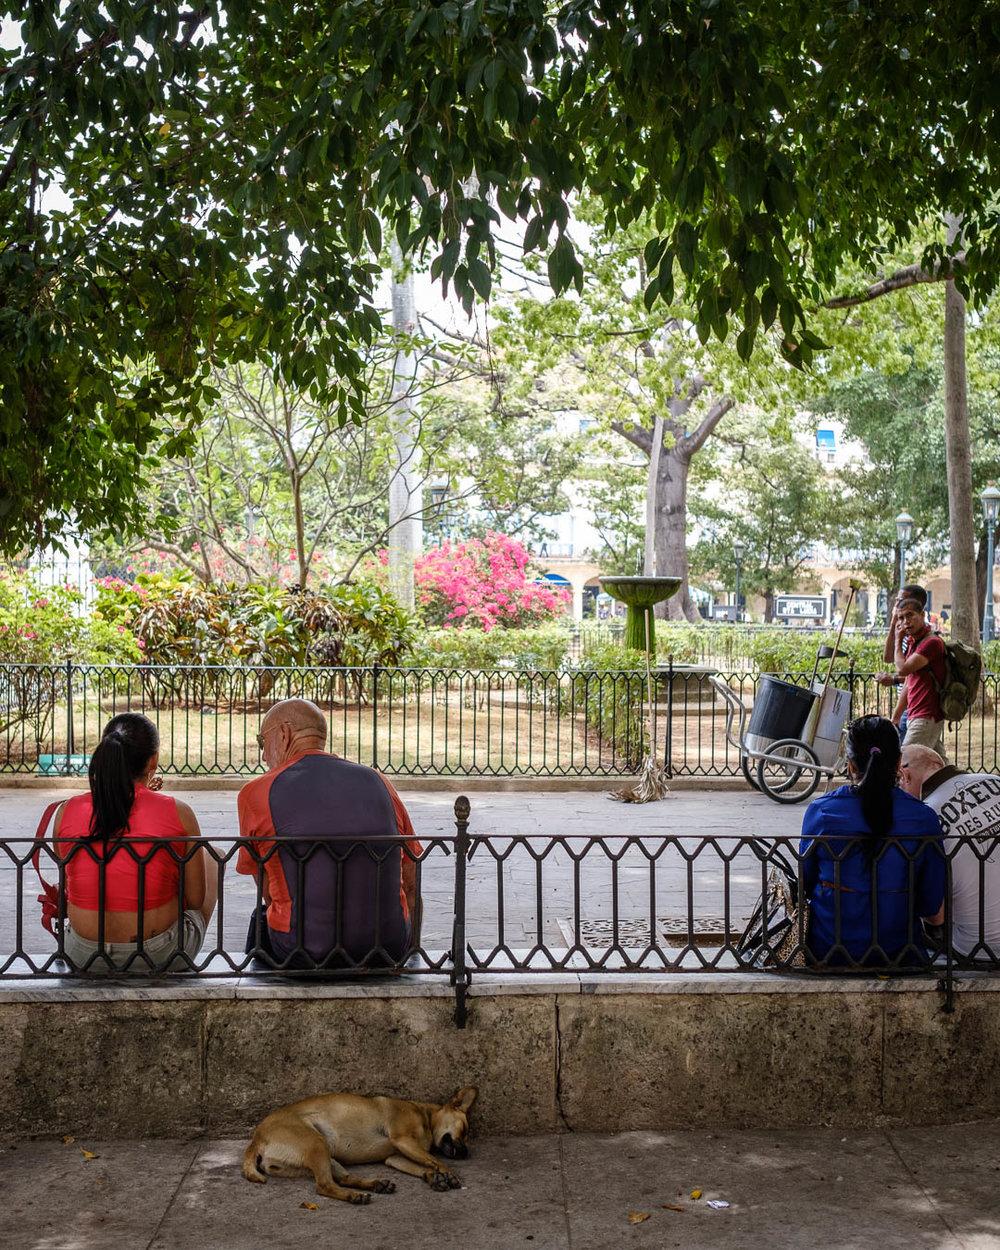 180426-Havana-42-1080.jpg